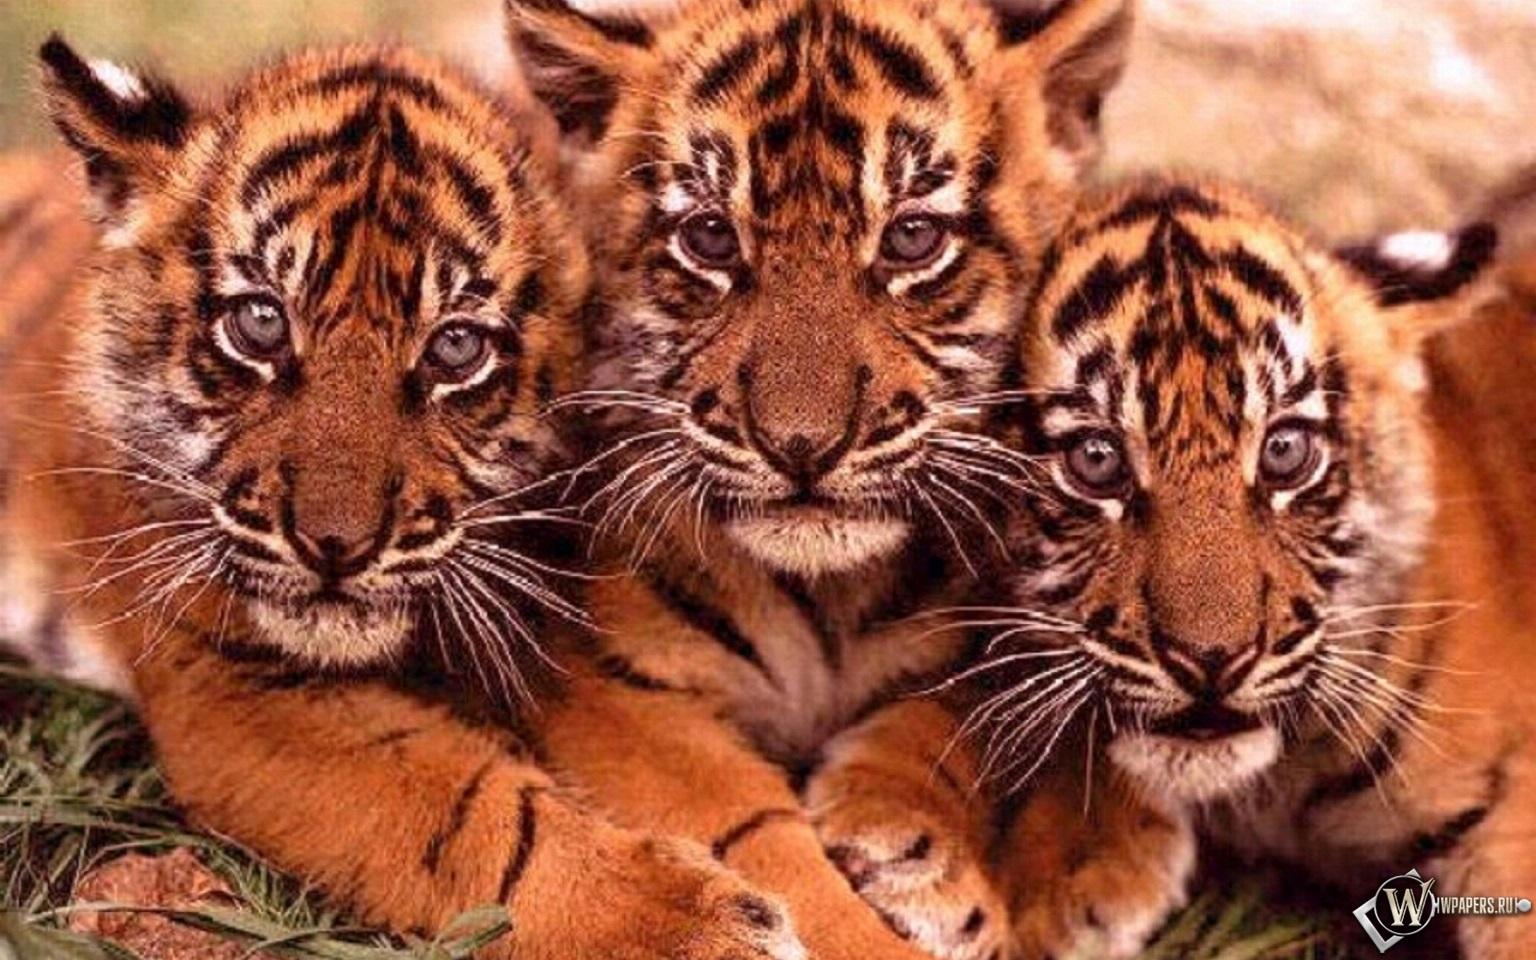 Тигрята на рабочий стол картинки (17)